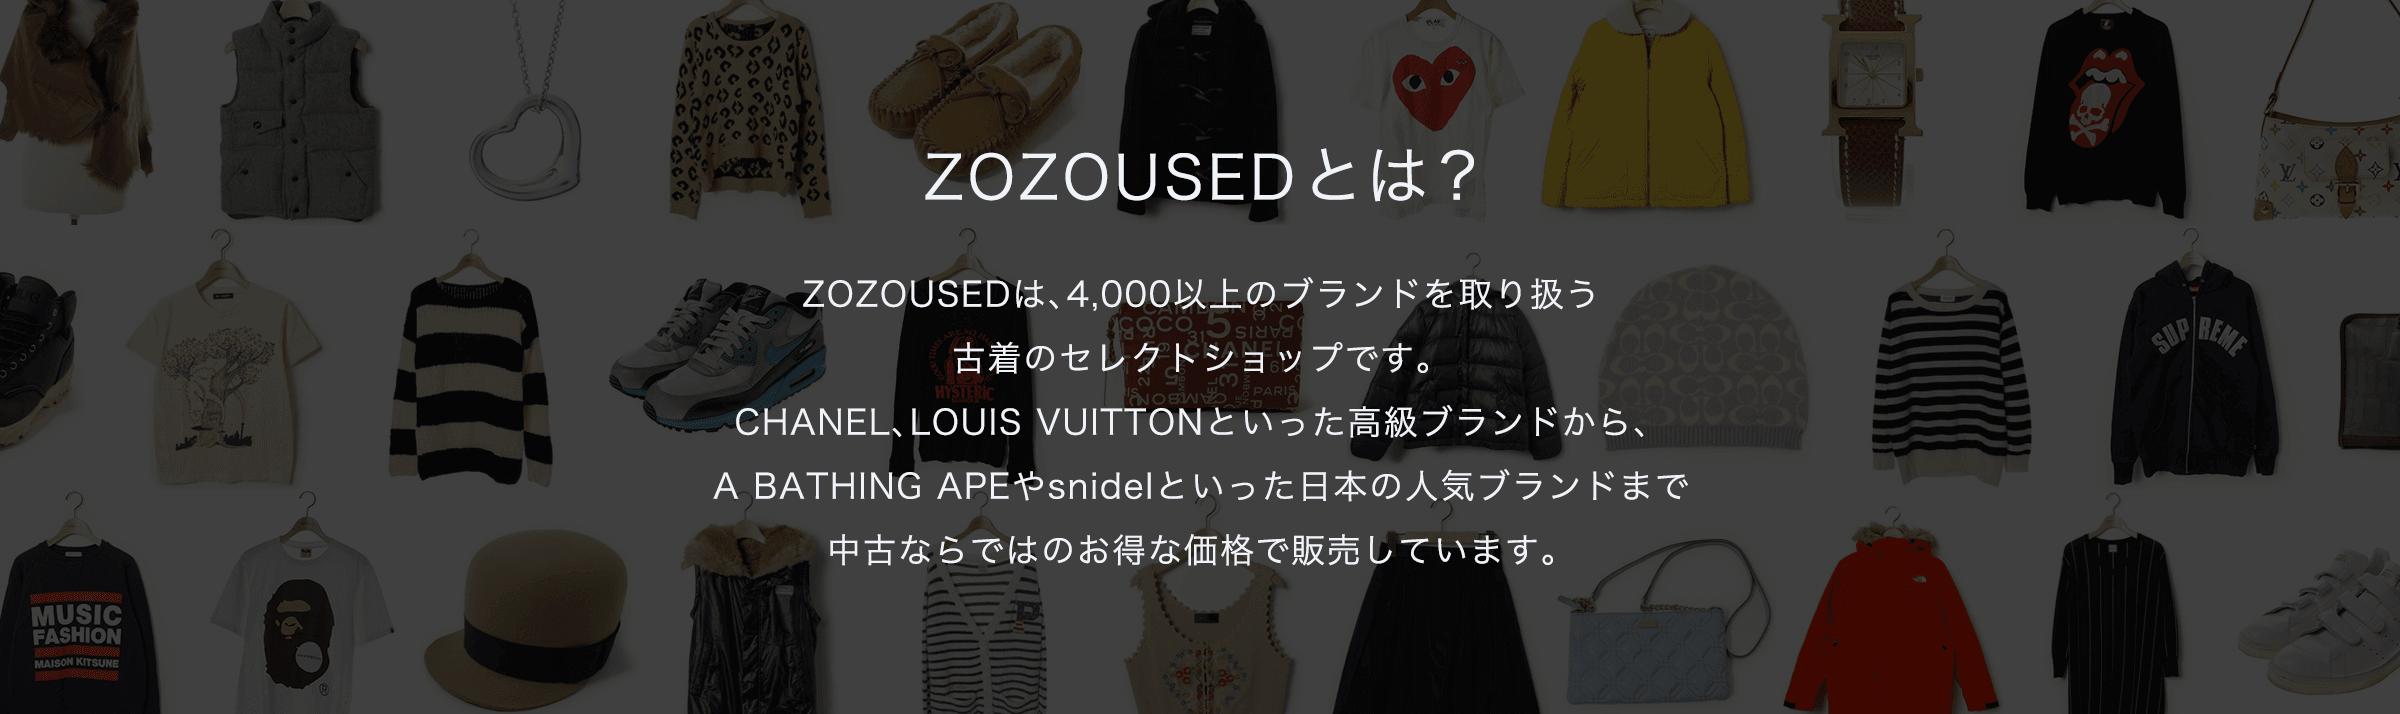 ZOZOUSEDは、4,000以上のブランドを取り扱う古着のセレクトショップです。CHANEL、LOUIS VUITTONといった高級ブランドから、A BATHING APEやsnidelといった日本の人気ブランドまで中古ならではのお得な価格で販売しています。